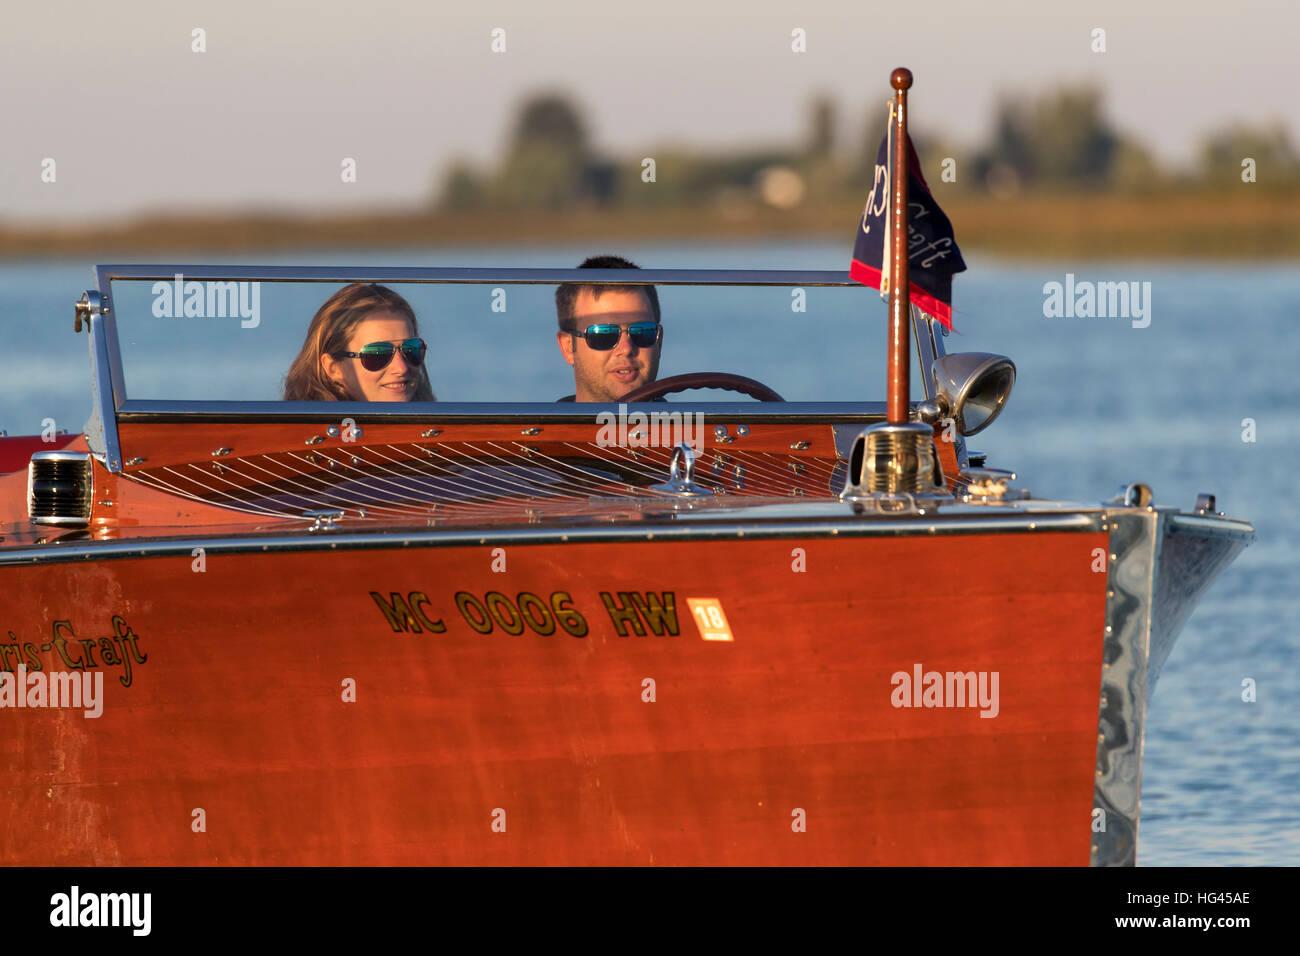 Una giovane coppia di azionamento di un antico, barca di legno. Immagini Stock